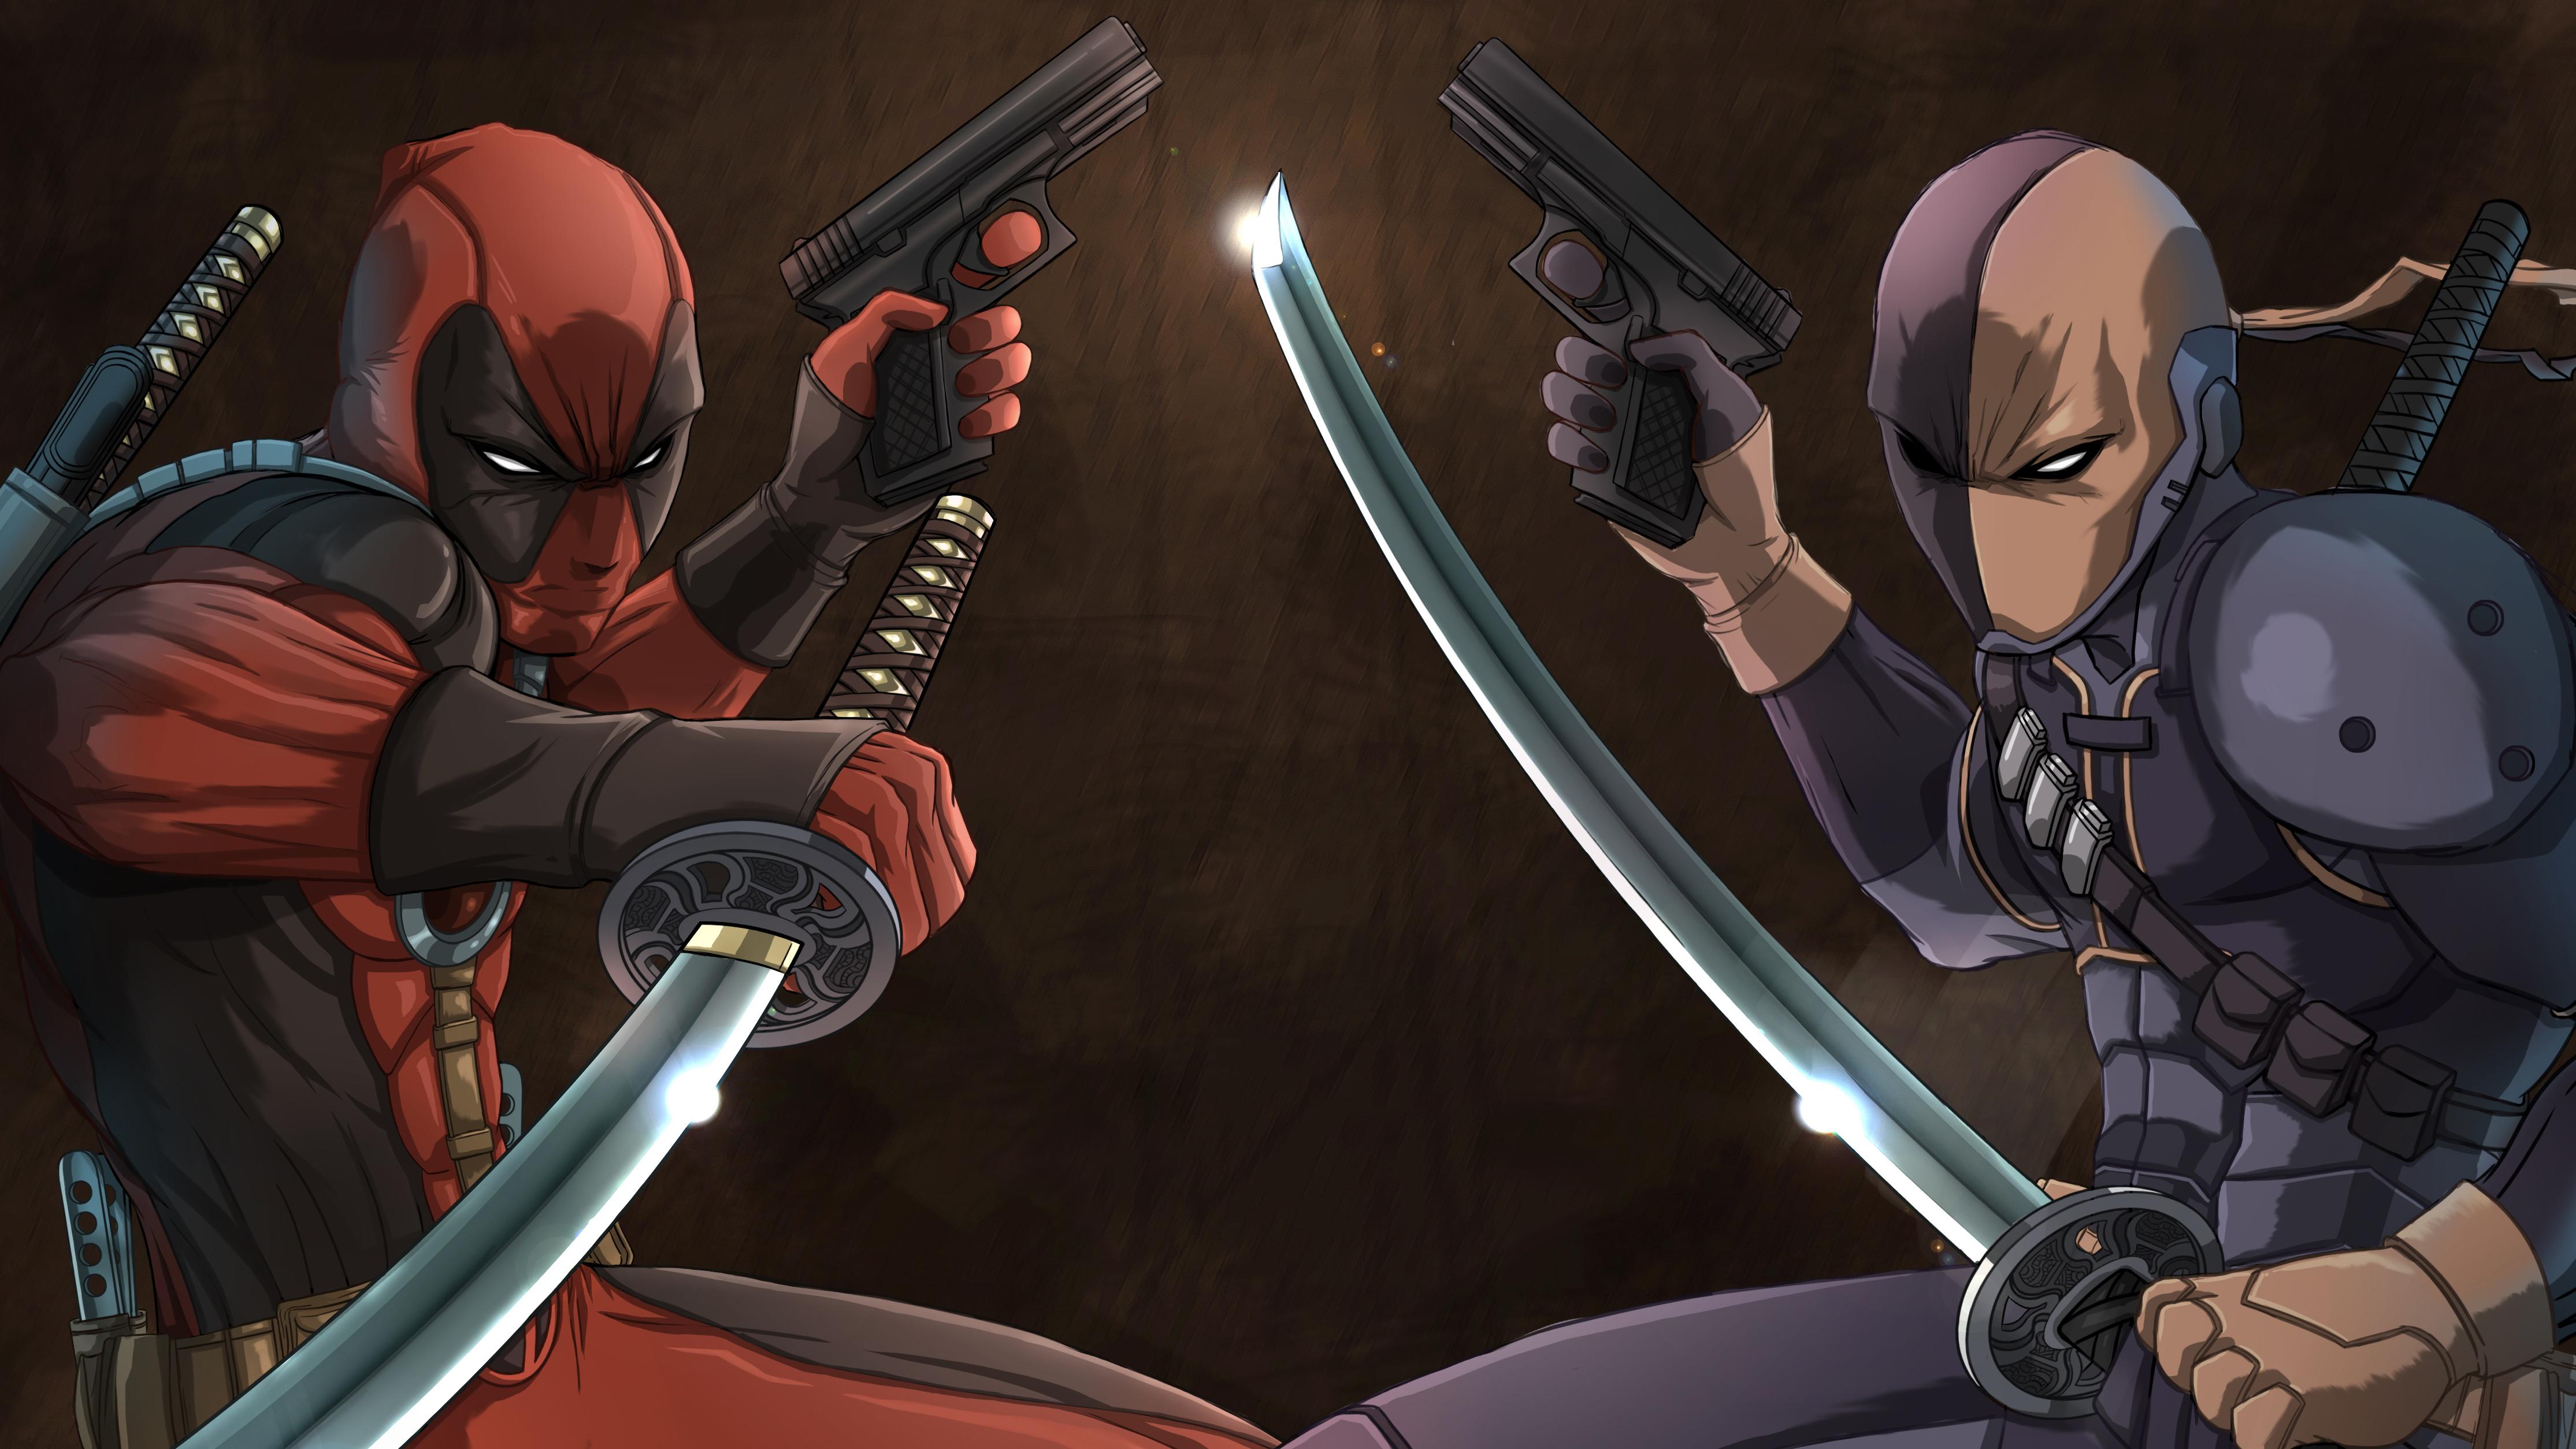 Deadpool Vs Deathstroke 4k Hd Superheroes 4k Wallpapers Images